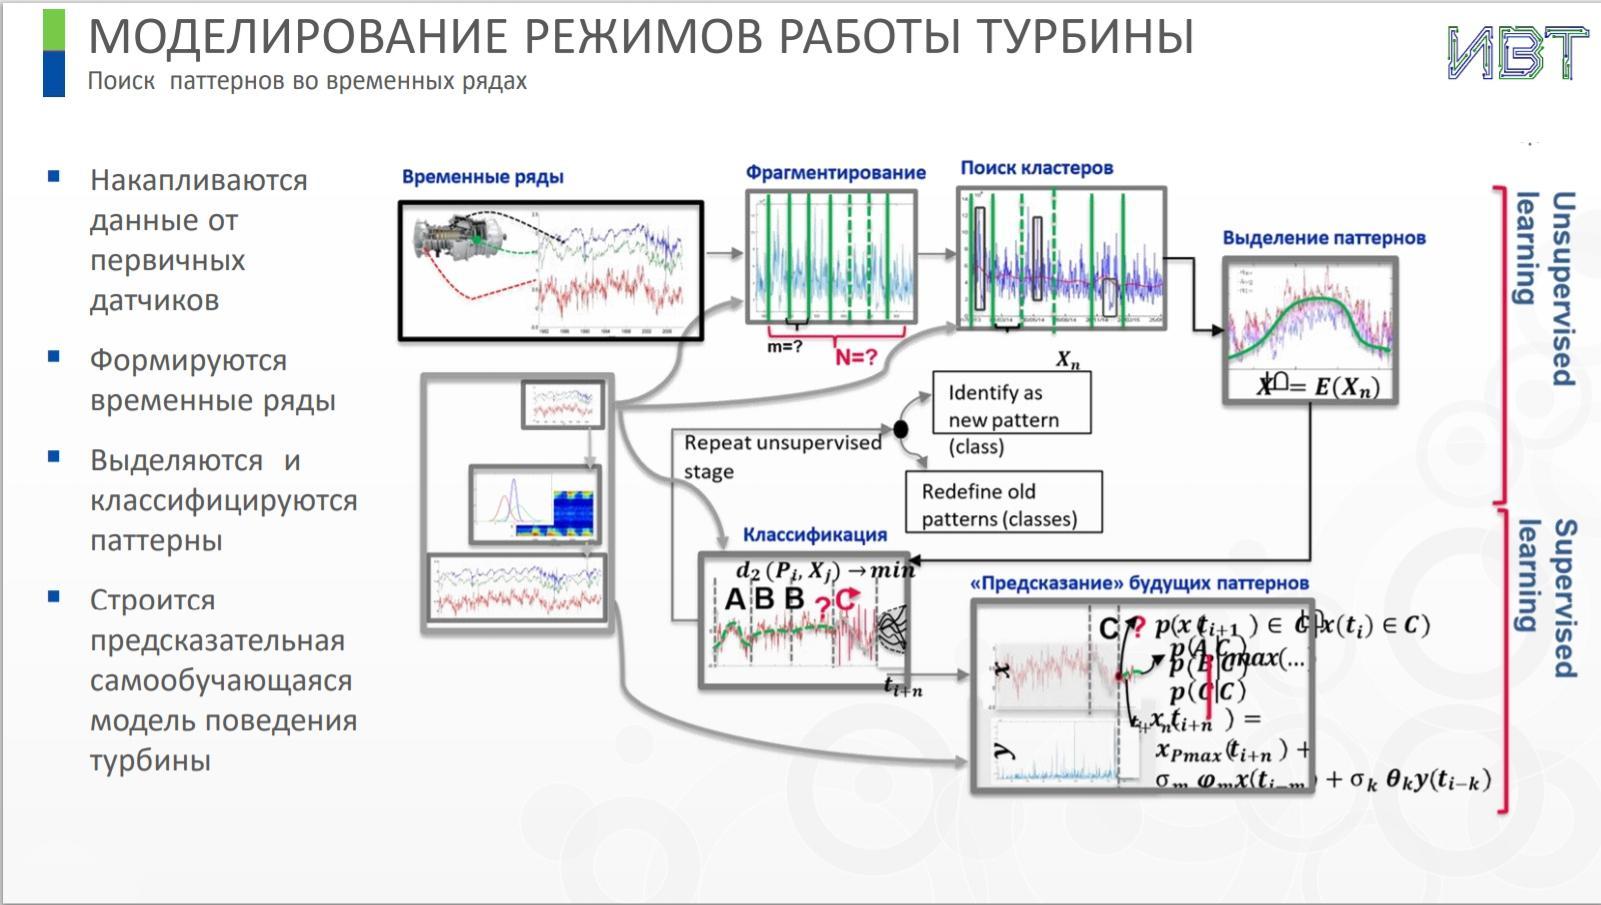 Моделирование режимов работы турбин для АЭС и ГЭС